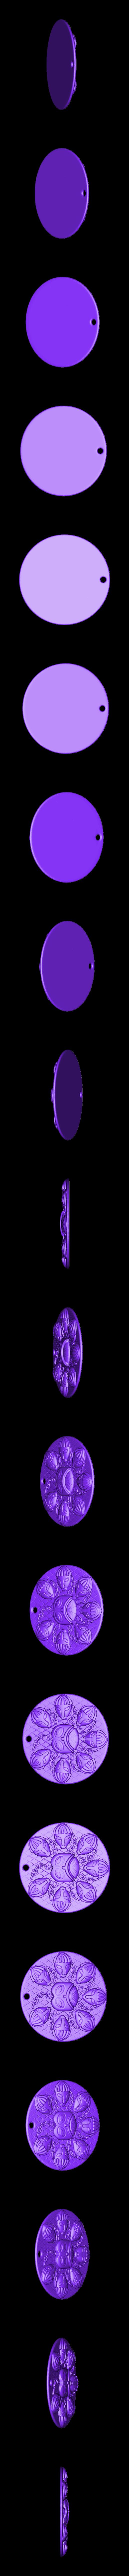 OGMA_MEDALLION_V2-Layer_0.1.stl Download free STL file Ogma Medallion • 3D printing object, omni-moulage